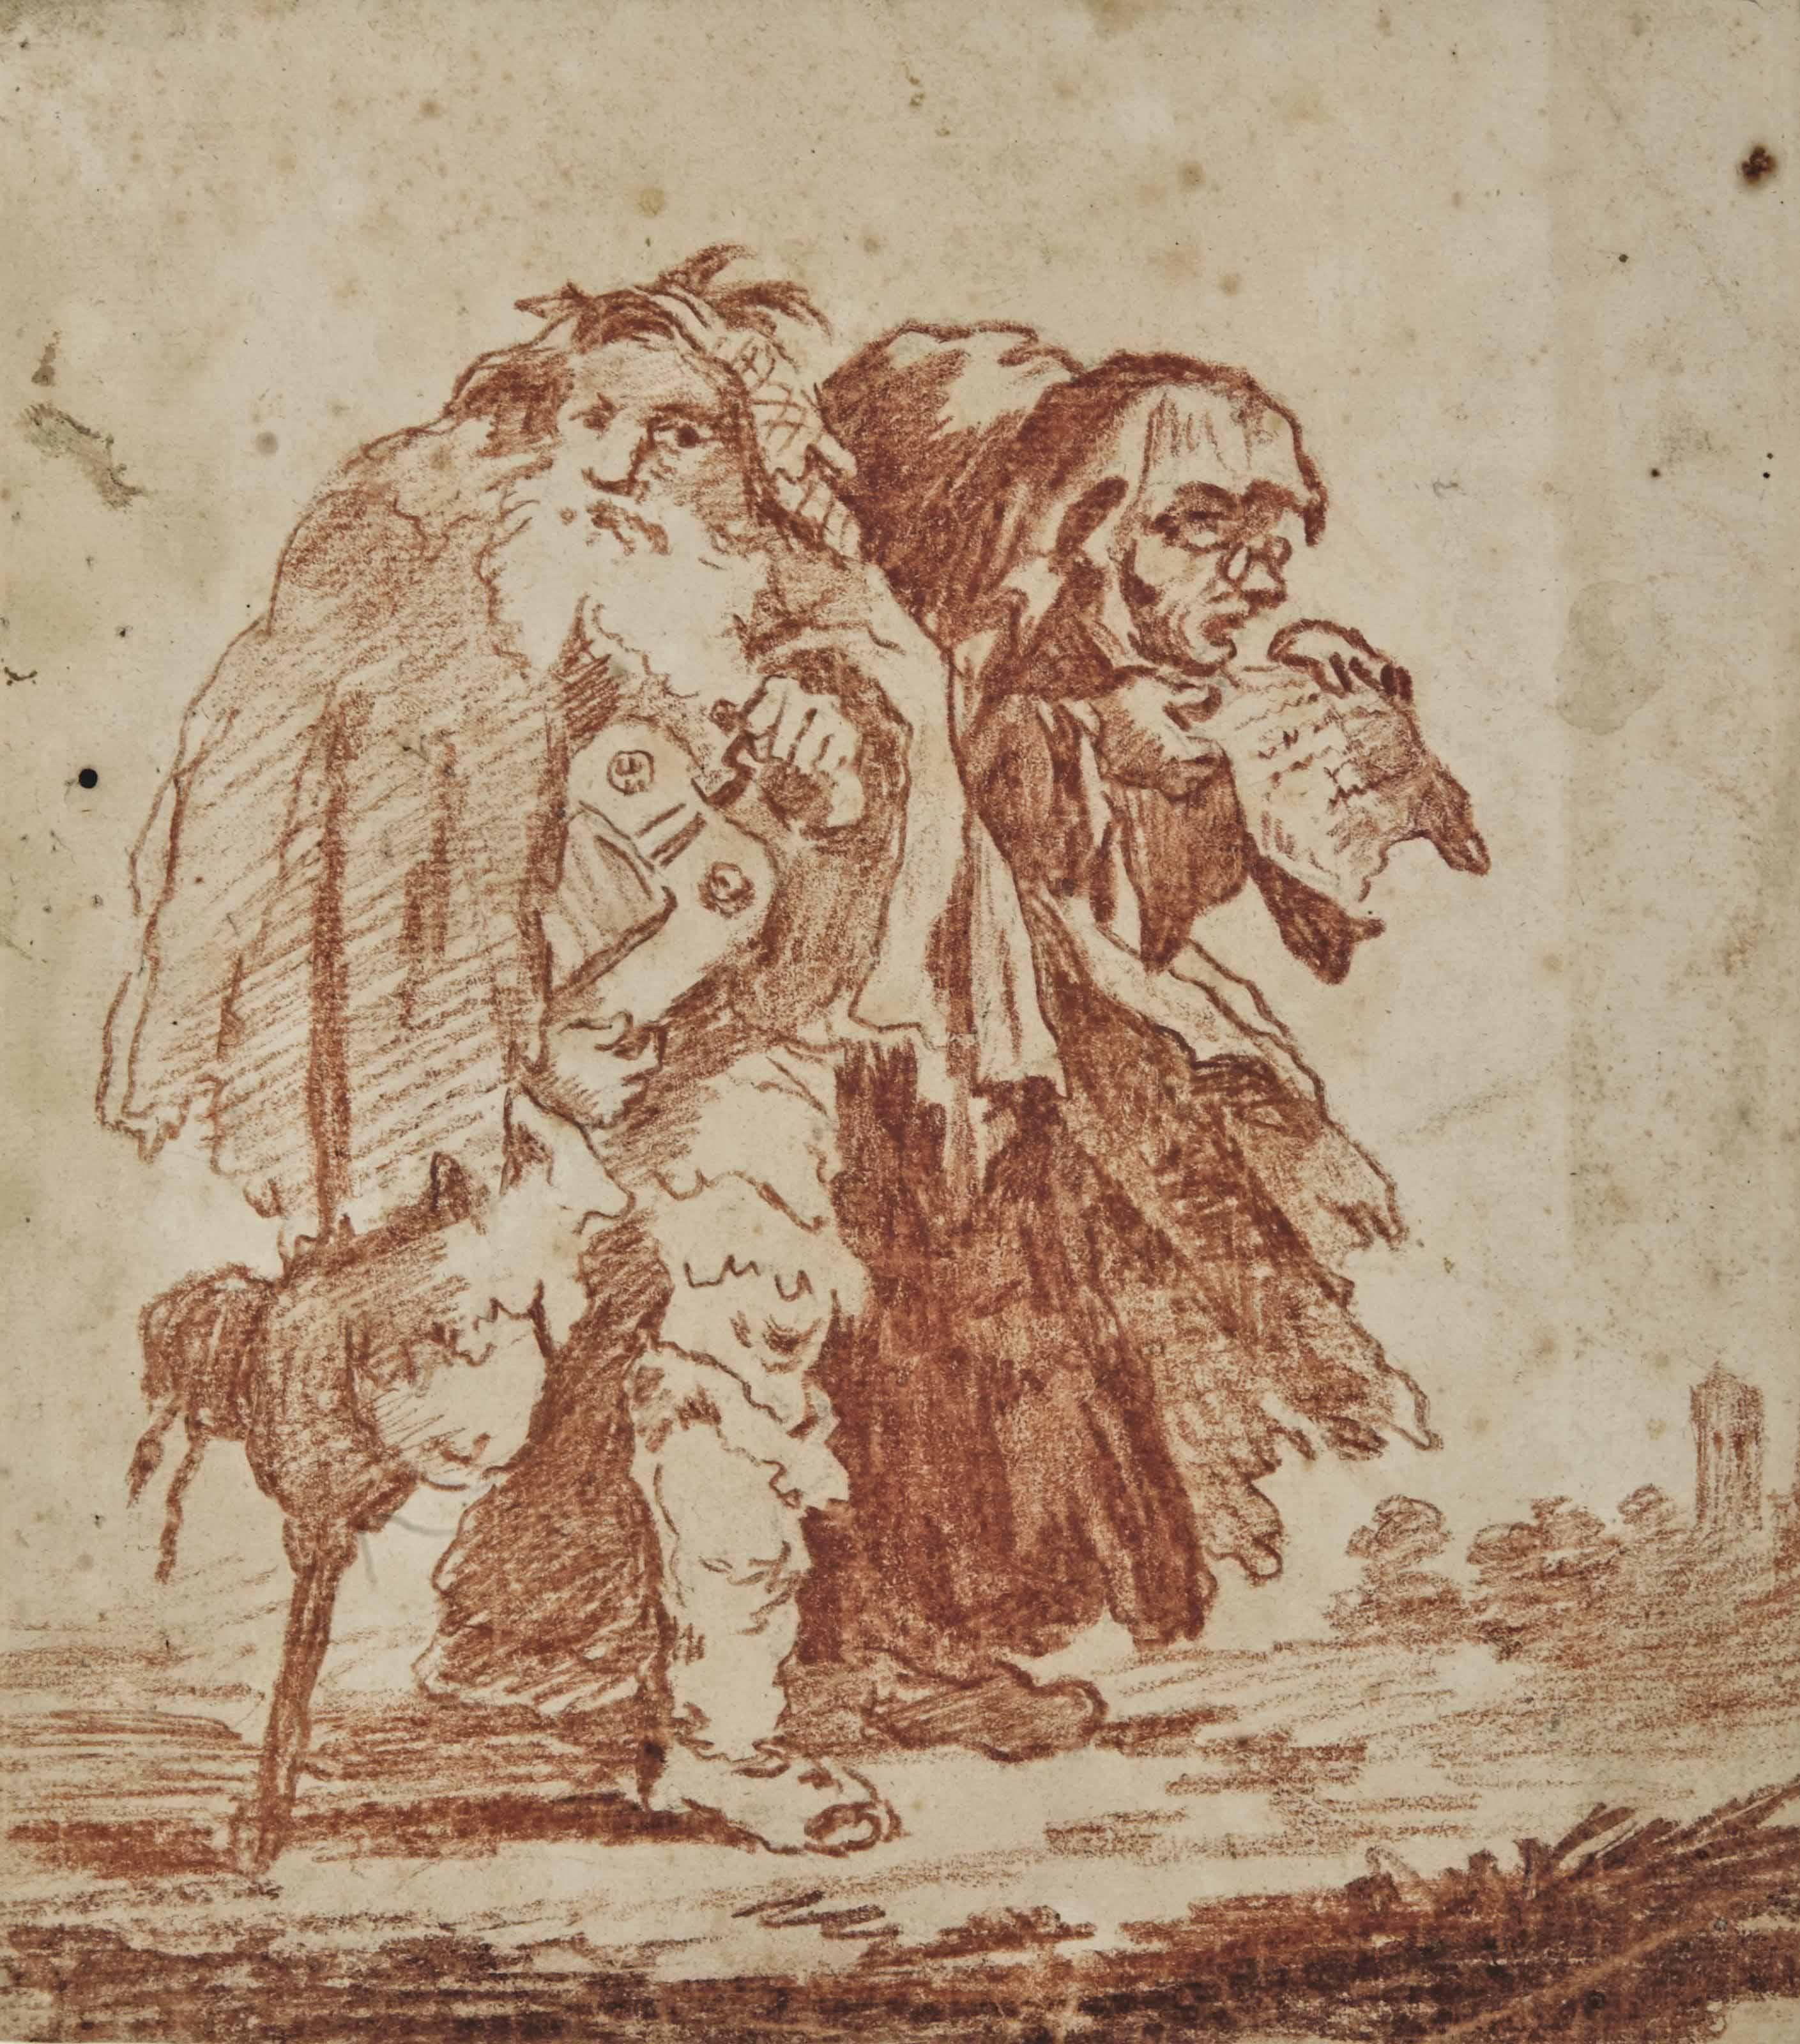 Joueur de vielle à roue accompagné d'une vieille femme